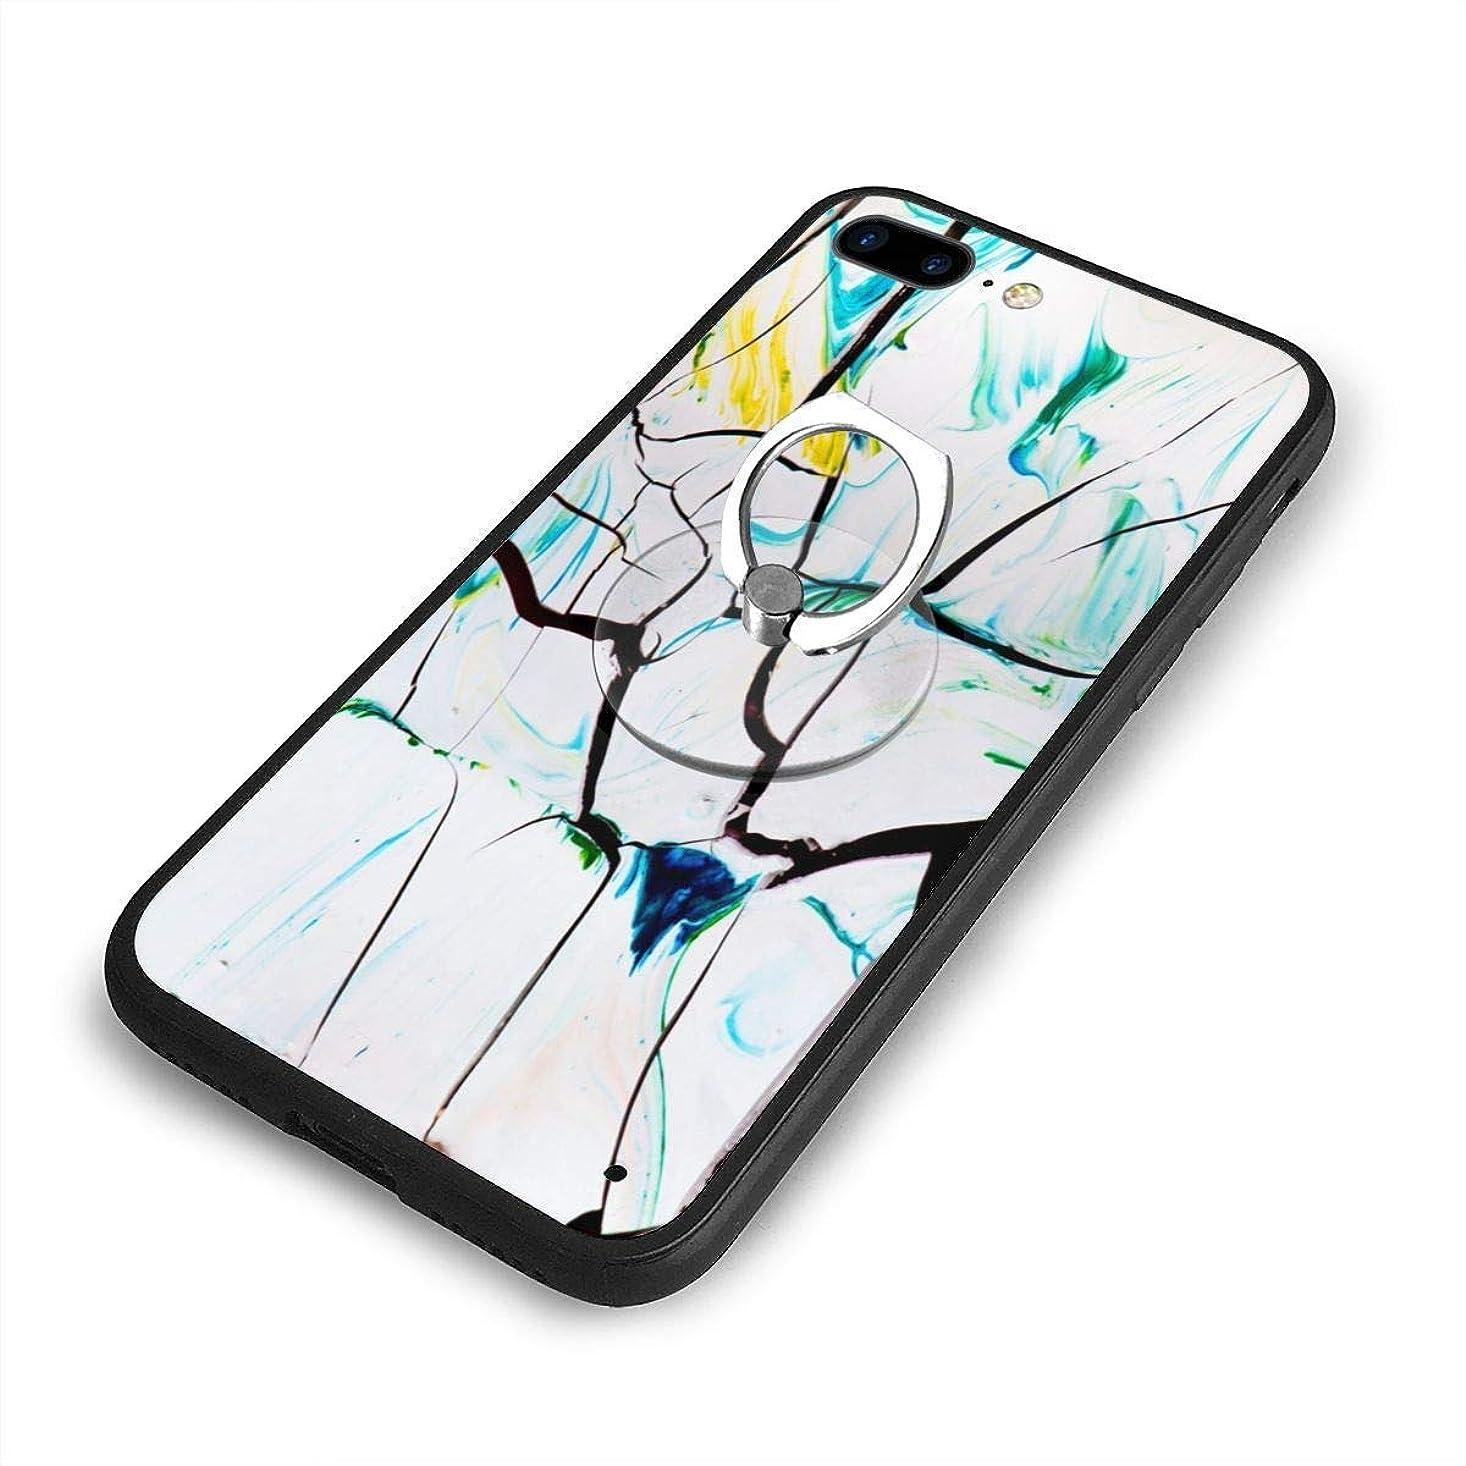 ツイン希望に満ちた概念白と色とりどりのイラストiPhone 7/8 Plusケースリングブラケット 携帯カバー 創意デザイン軽量 傷つけ防止 360°回転ブラケット 携帯ケース PC 衝撃防止 全面保護